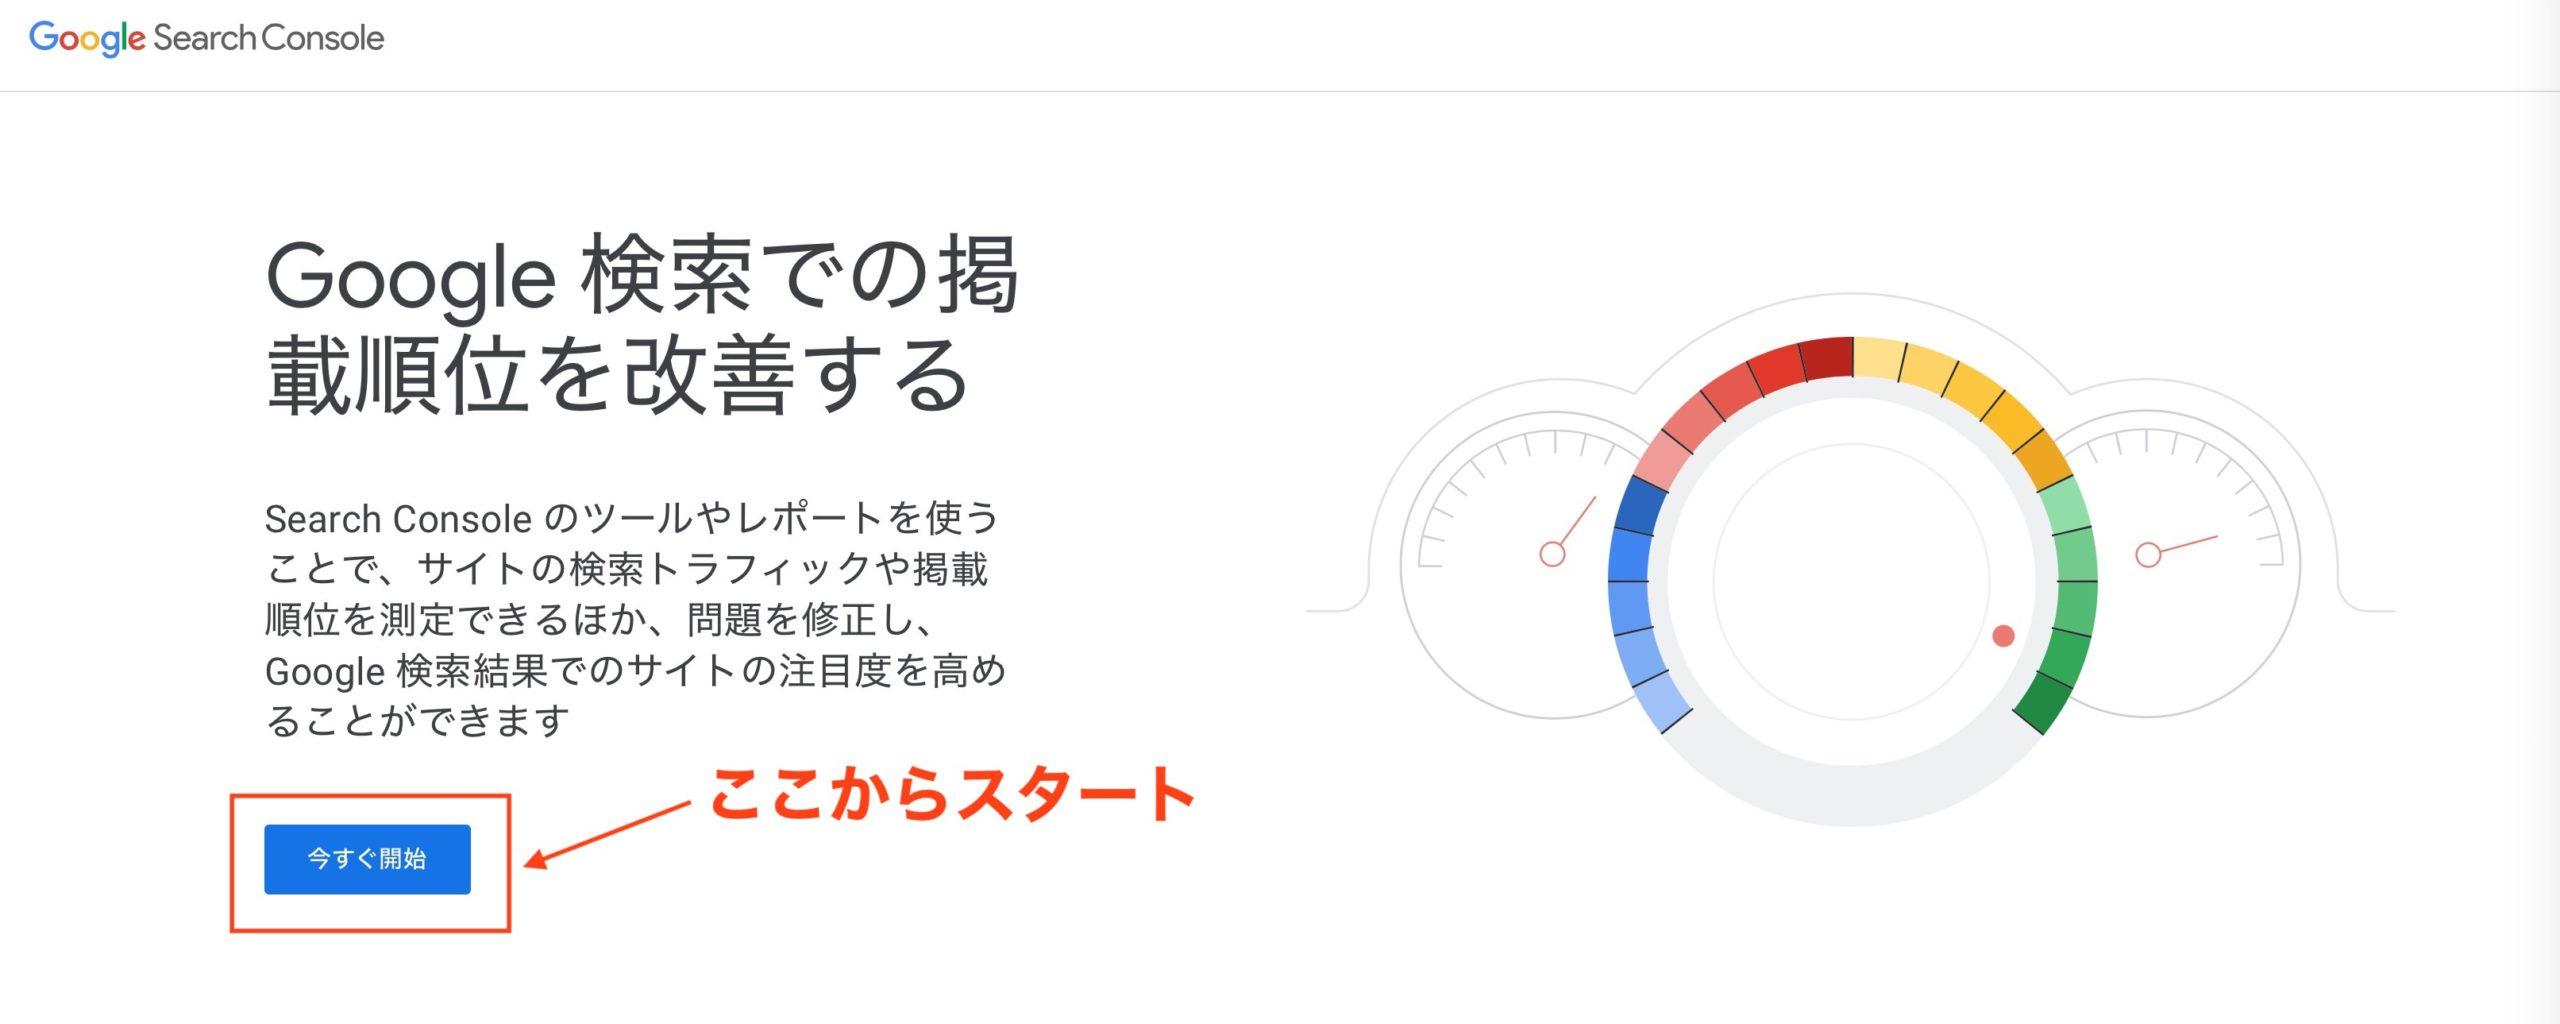 グーグルサーチコンソールTOPページ